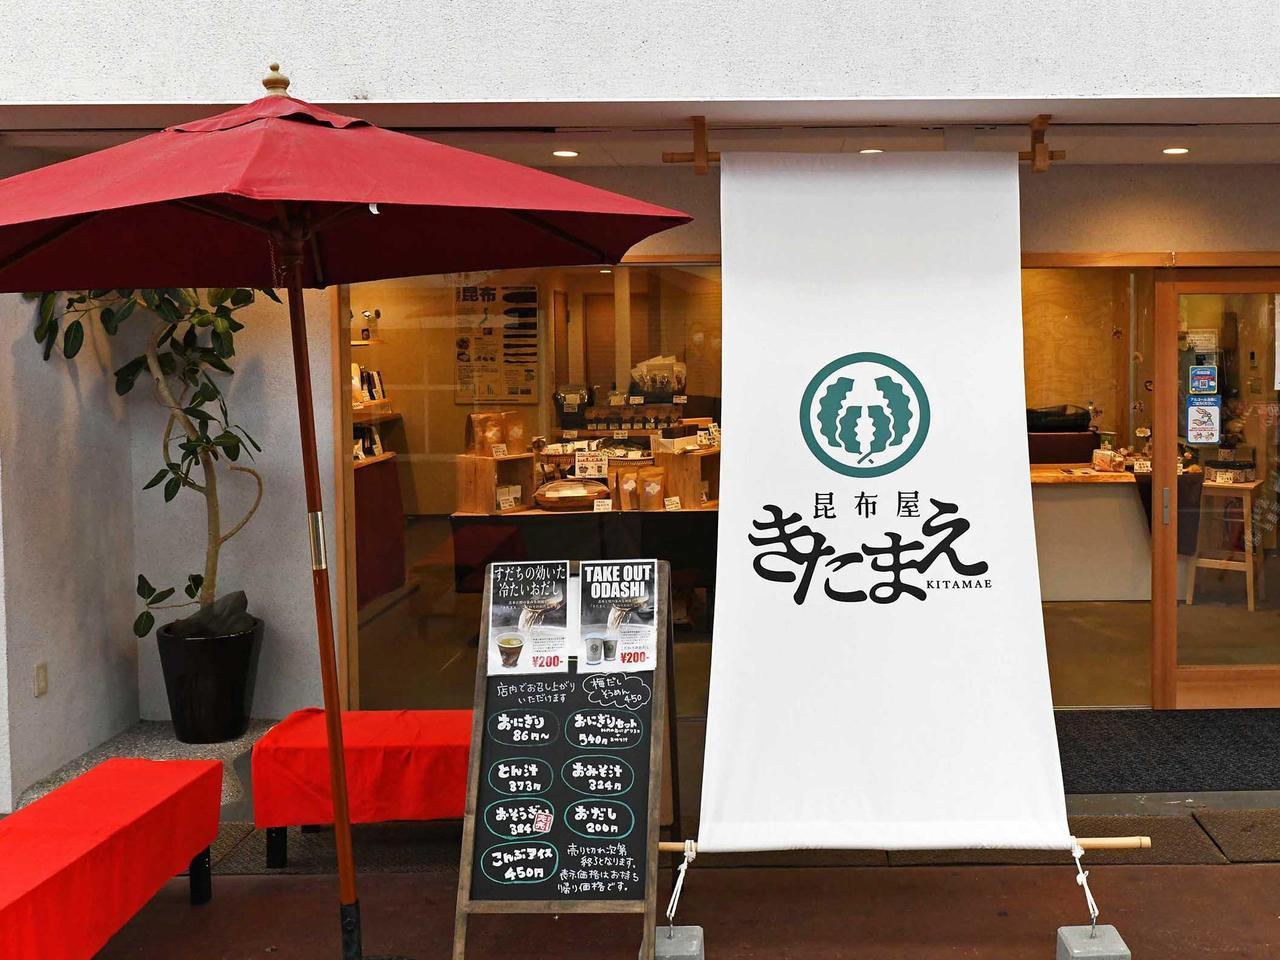 【姫路】こだわりの昆布とだしの専門店「昆布屋きたまえ」|日高食品工業株式会社